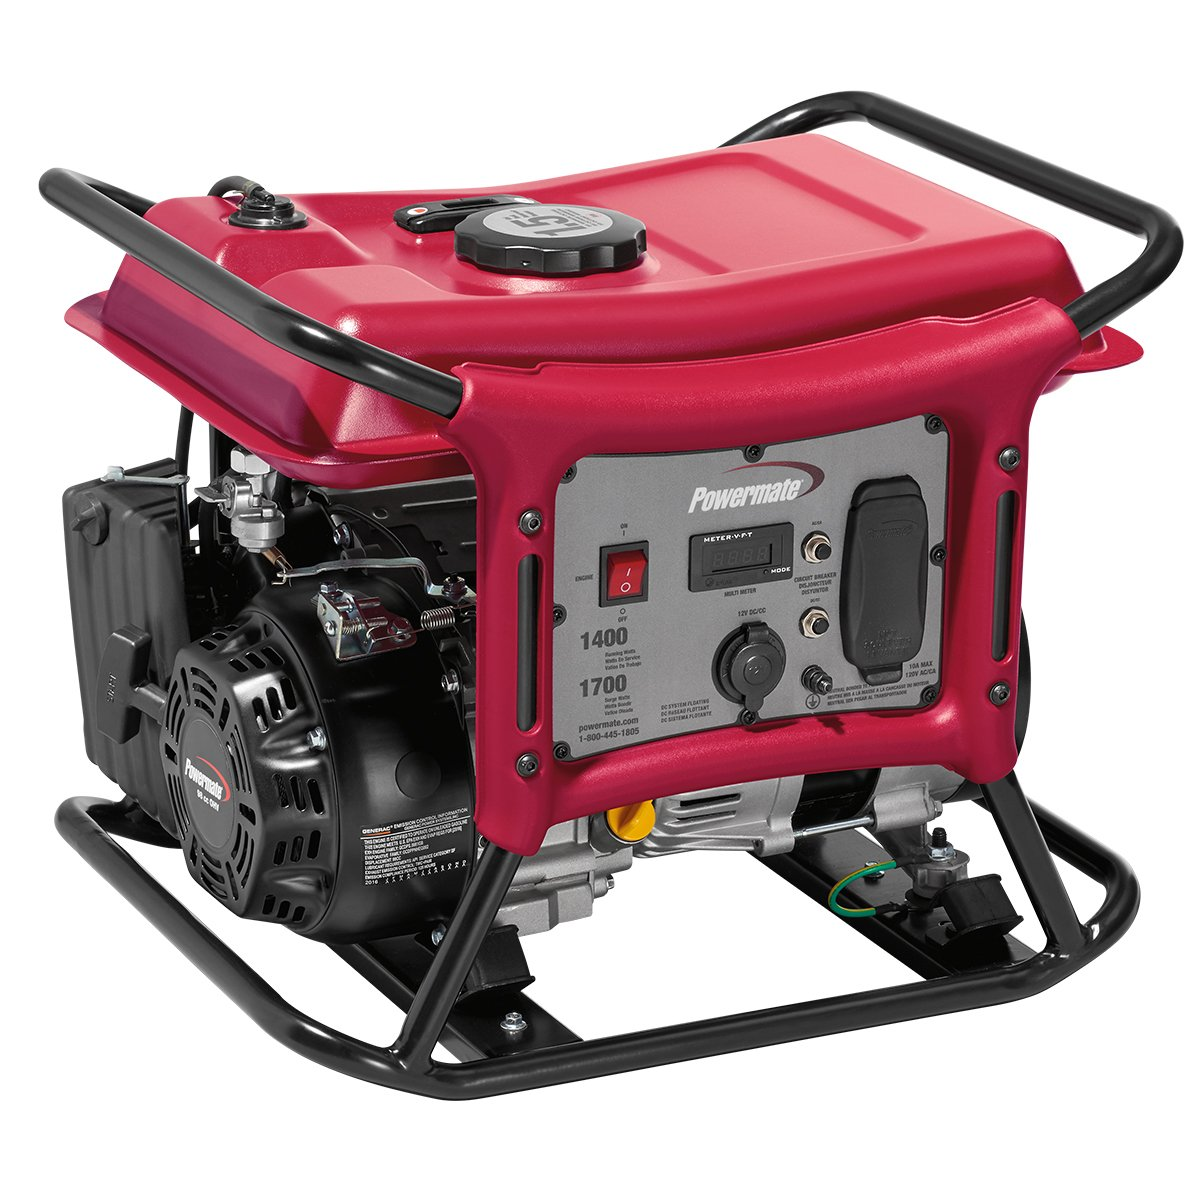 Cheap Coleman Powermate 6250 Generator Parts, find Coleman Powermate